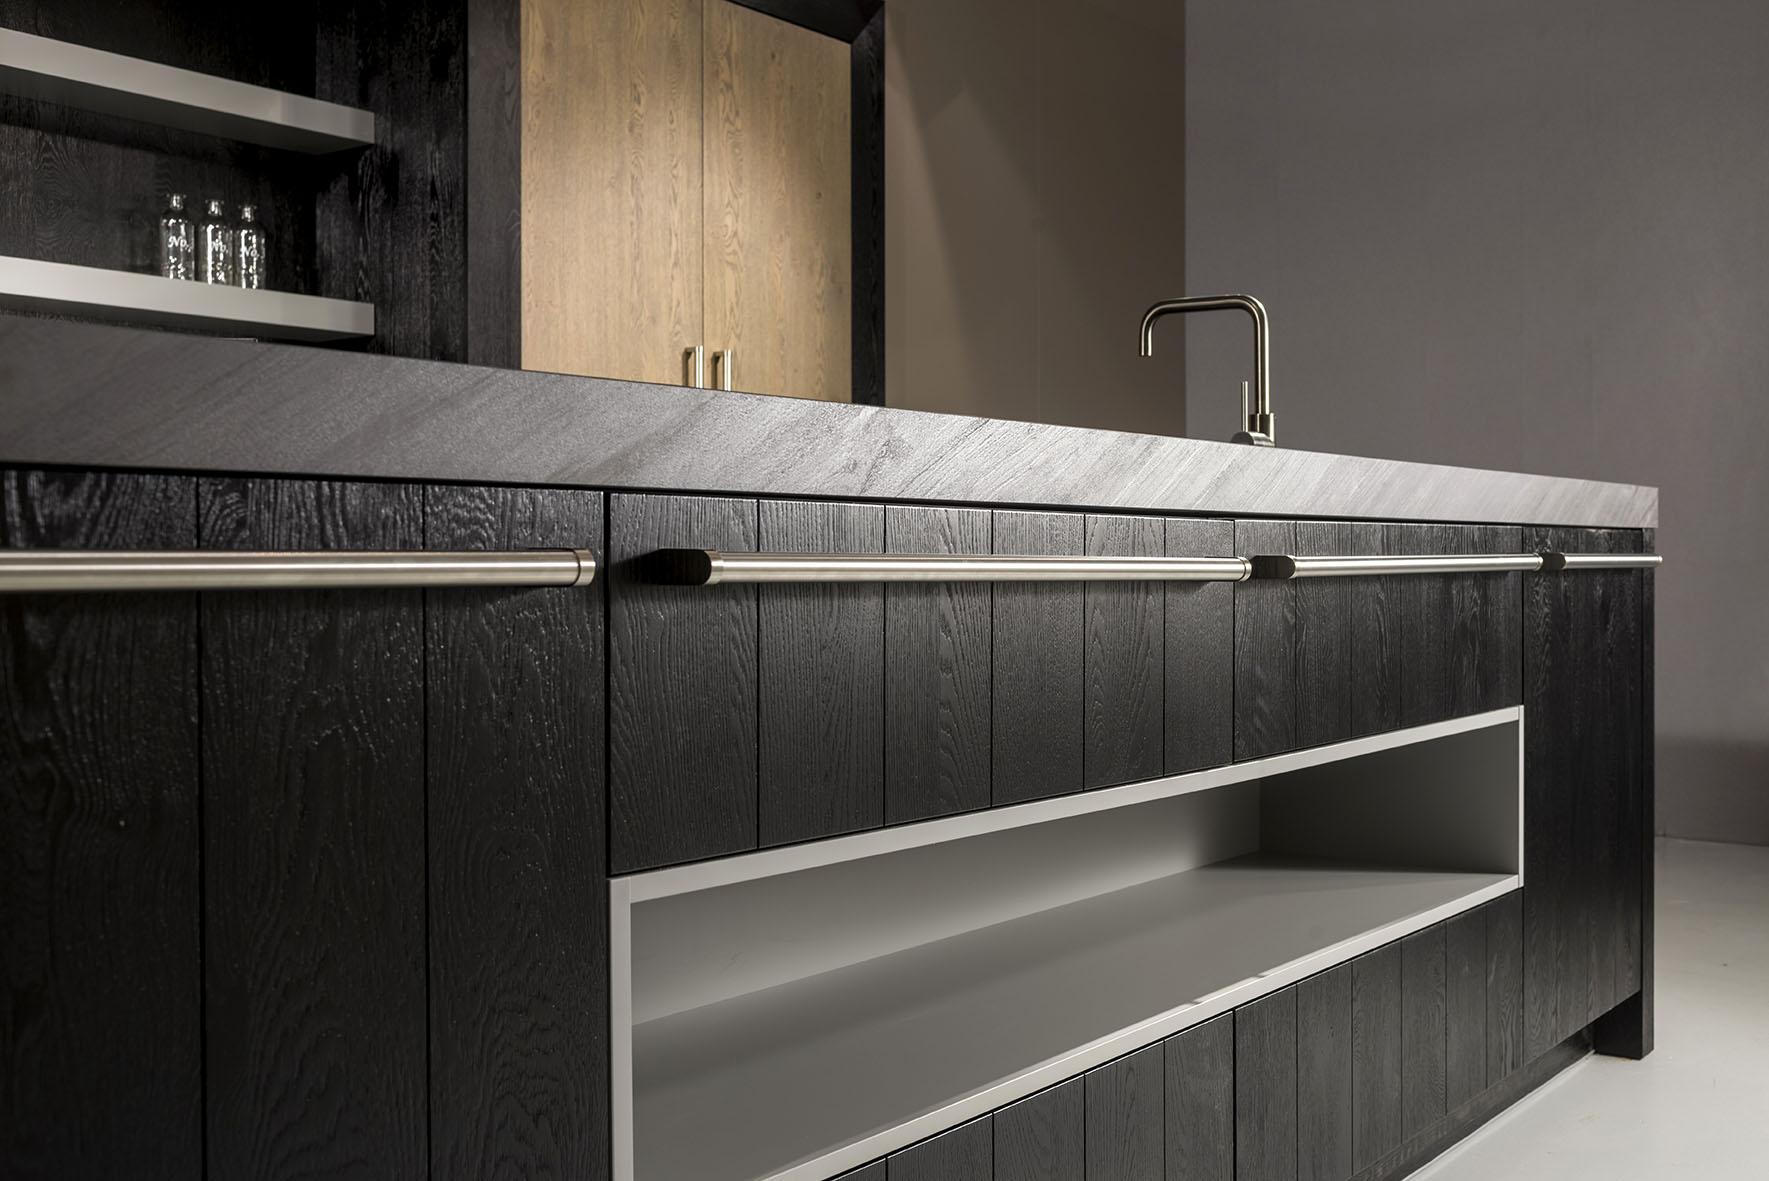 zwart hout keuken